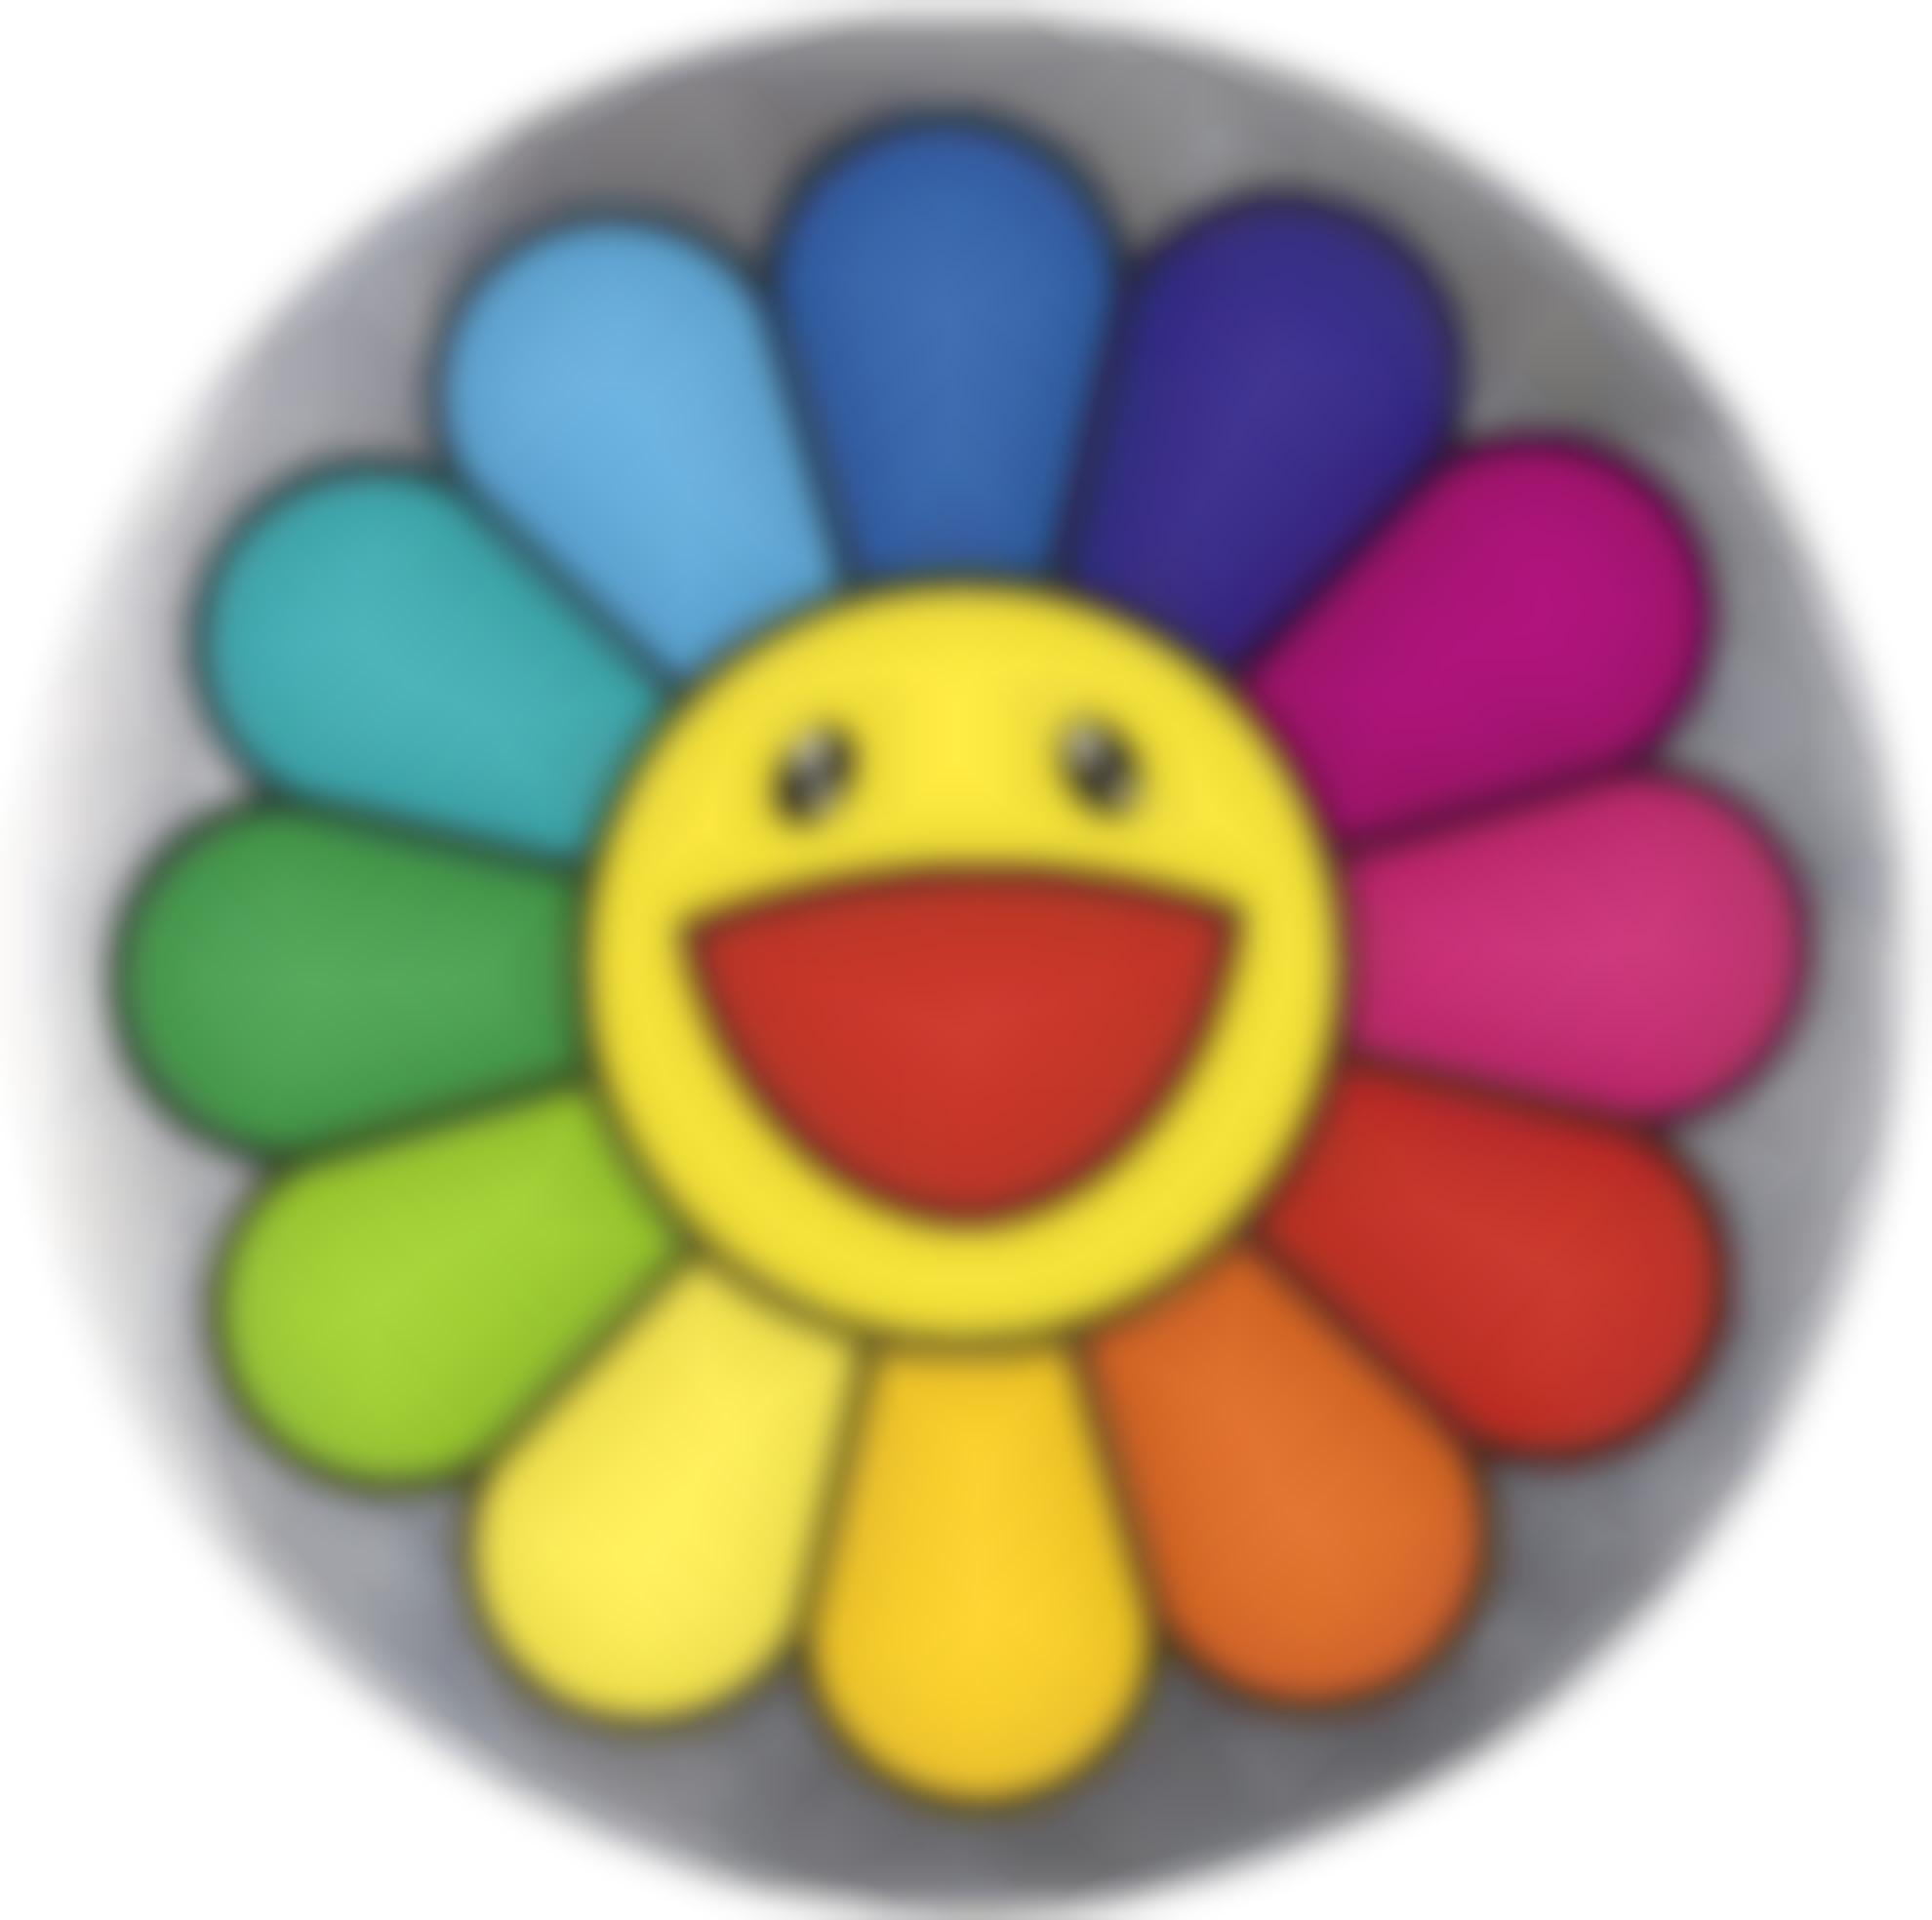 Takashi Murakami-Rainbow Flower - 7 Oclock-2007